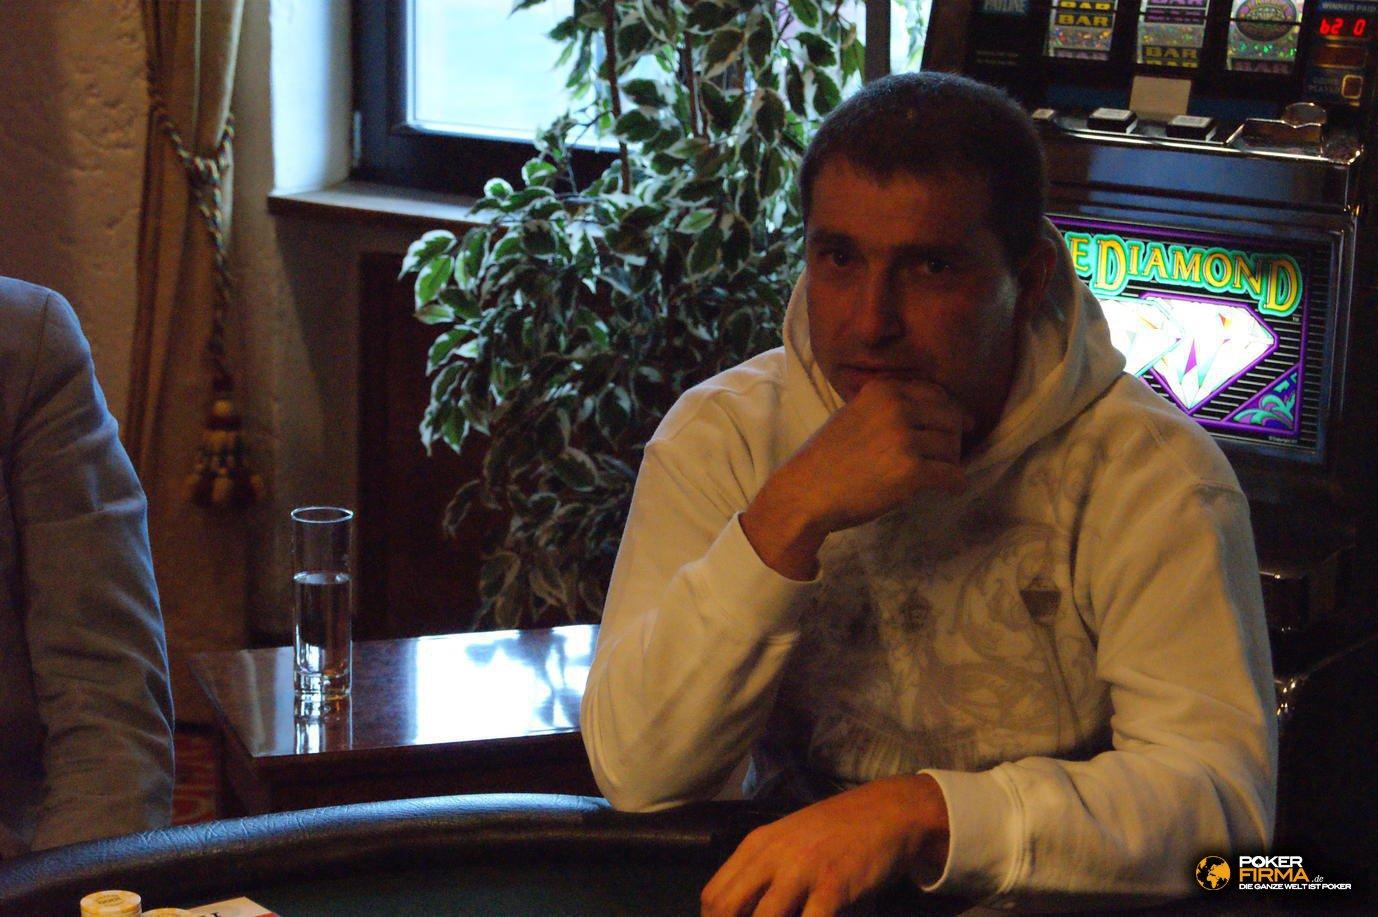 Mountain_Poker_Party_1500_NLH_081011_Alex_Rettenbacher